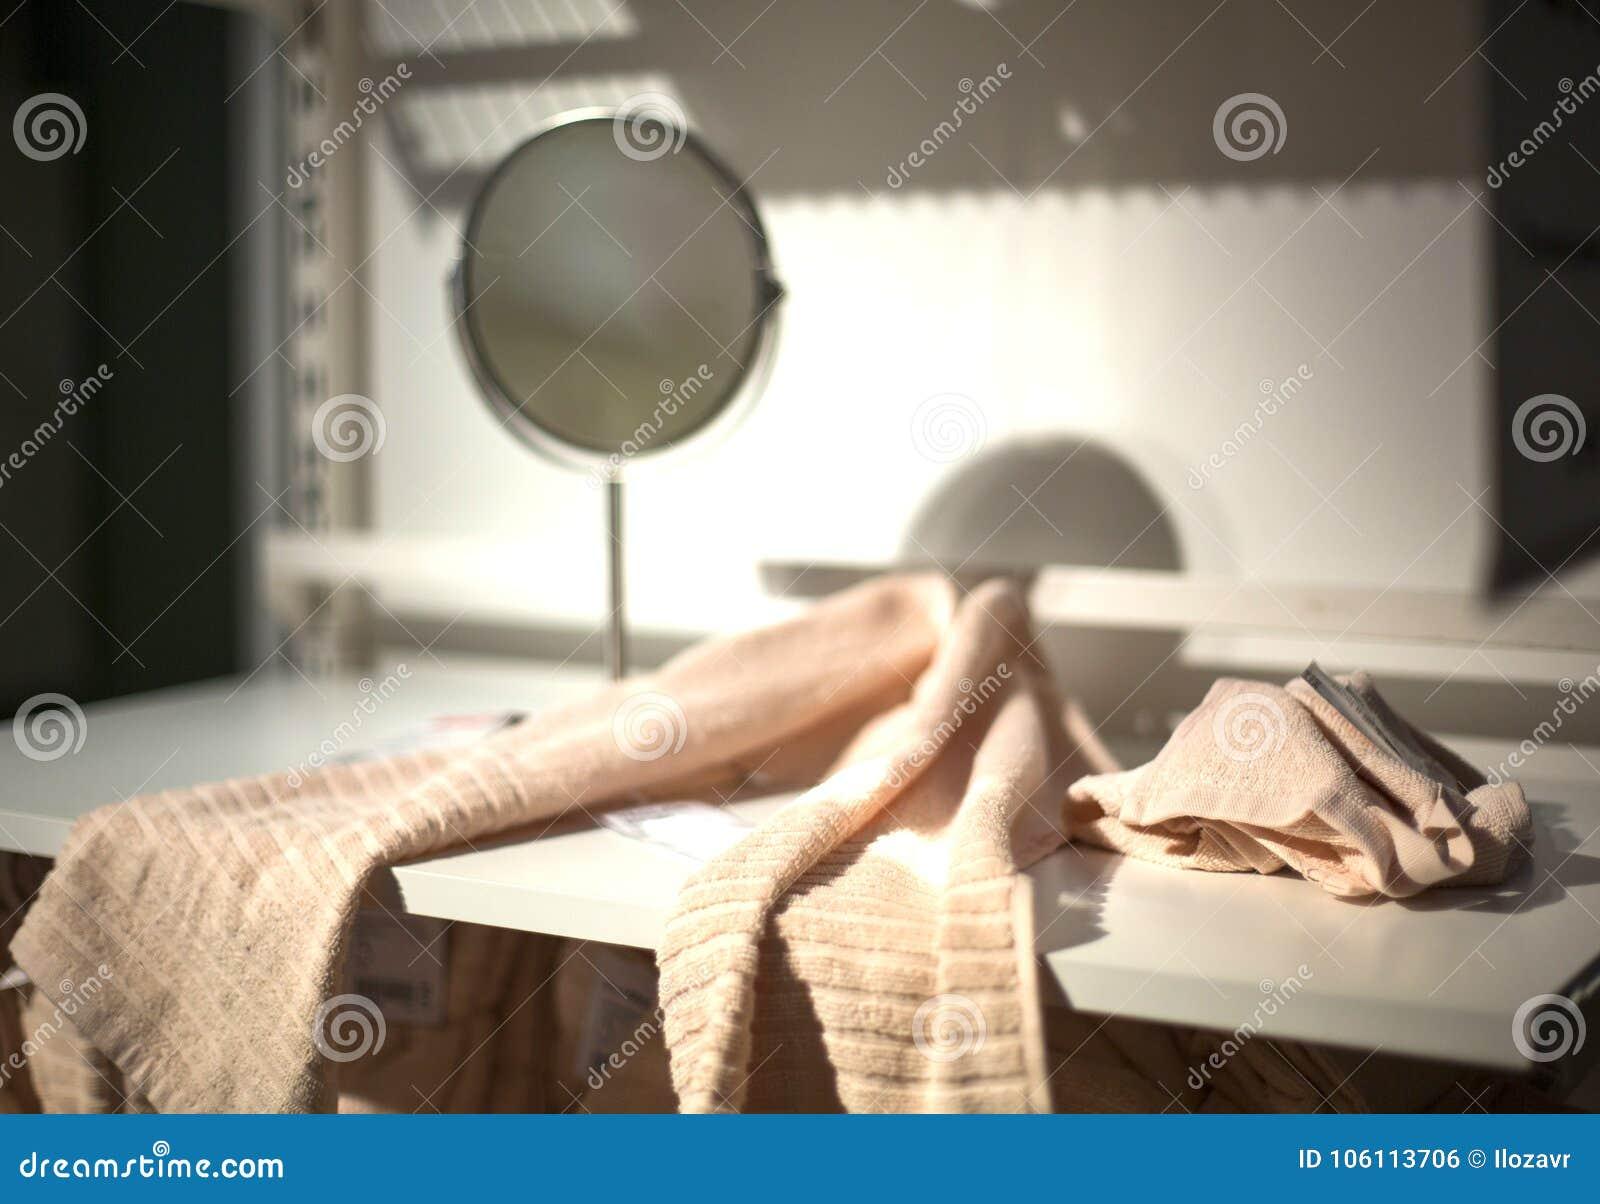 Serviette Sur Une étagère Blanche Dans La Salle De Bains Et Un